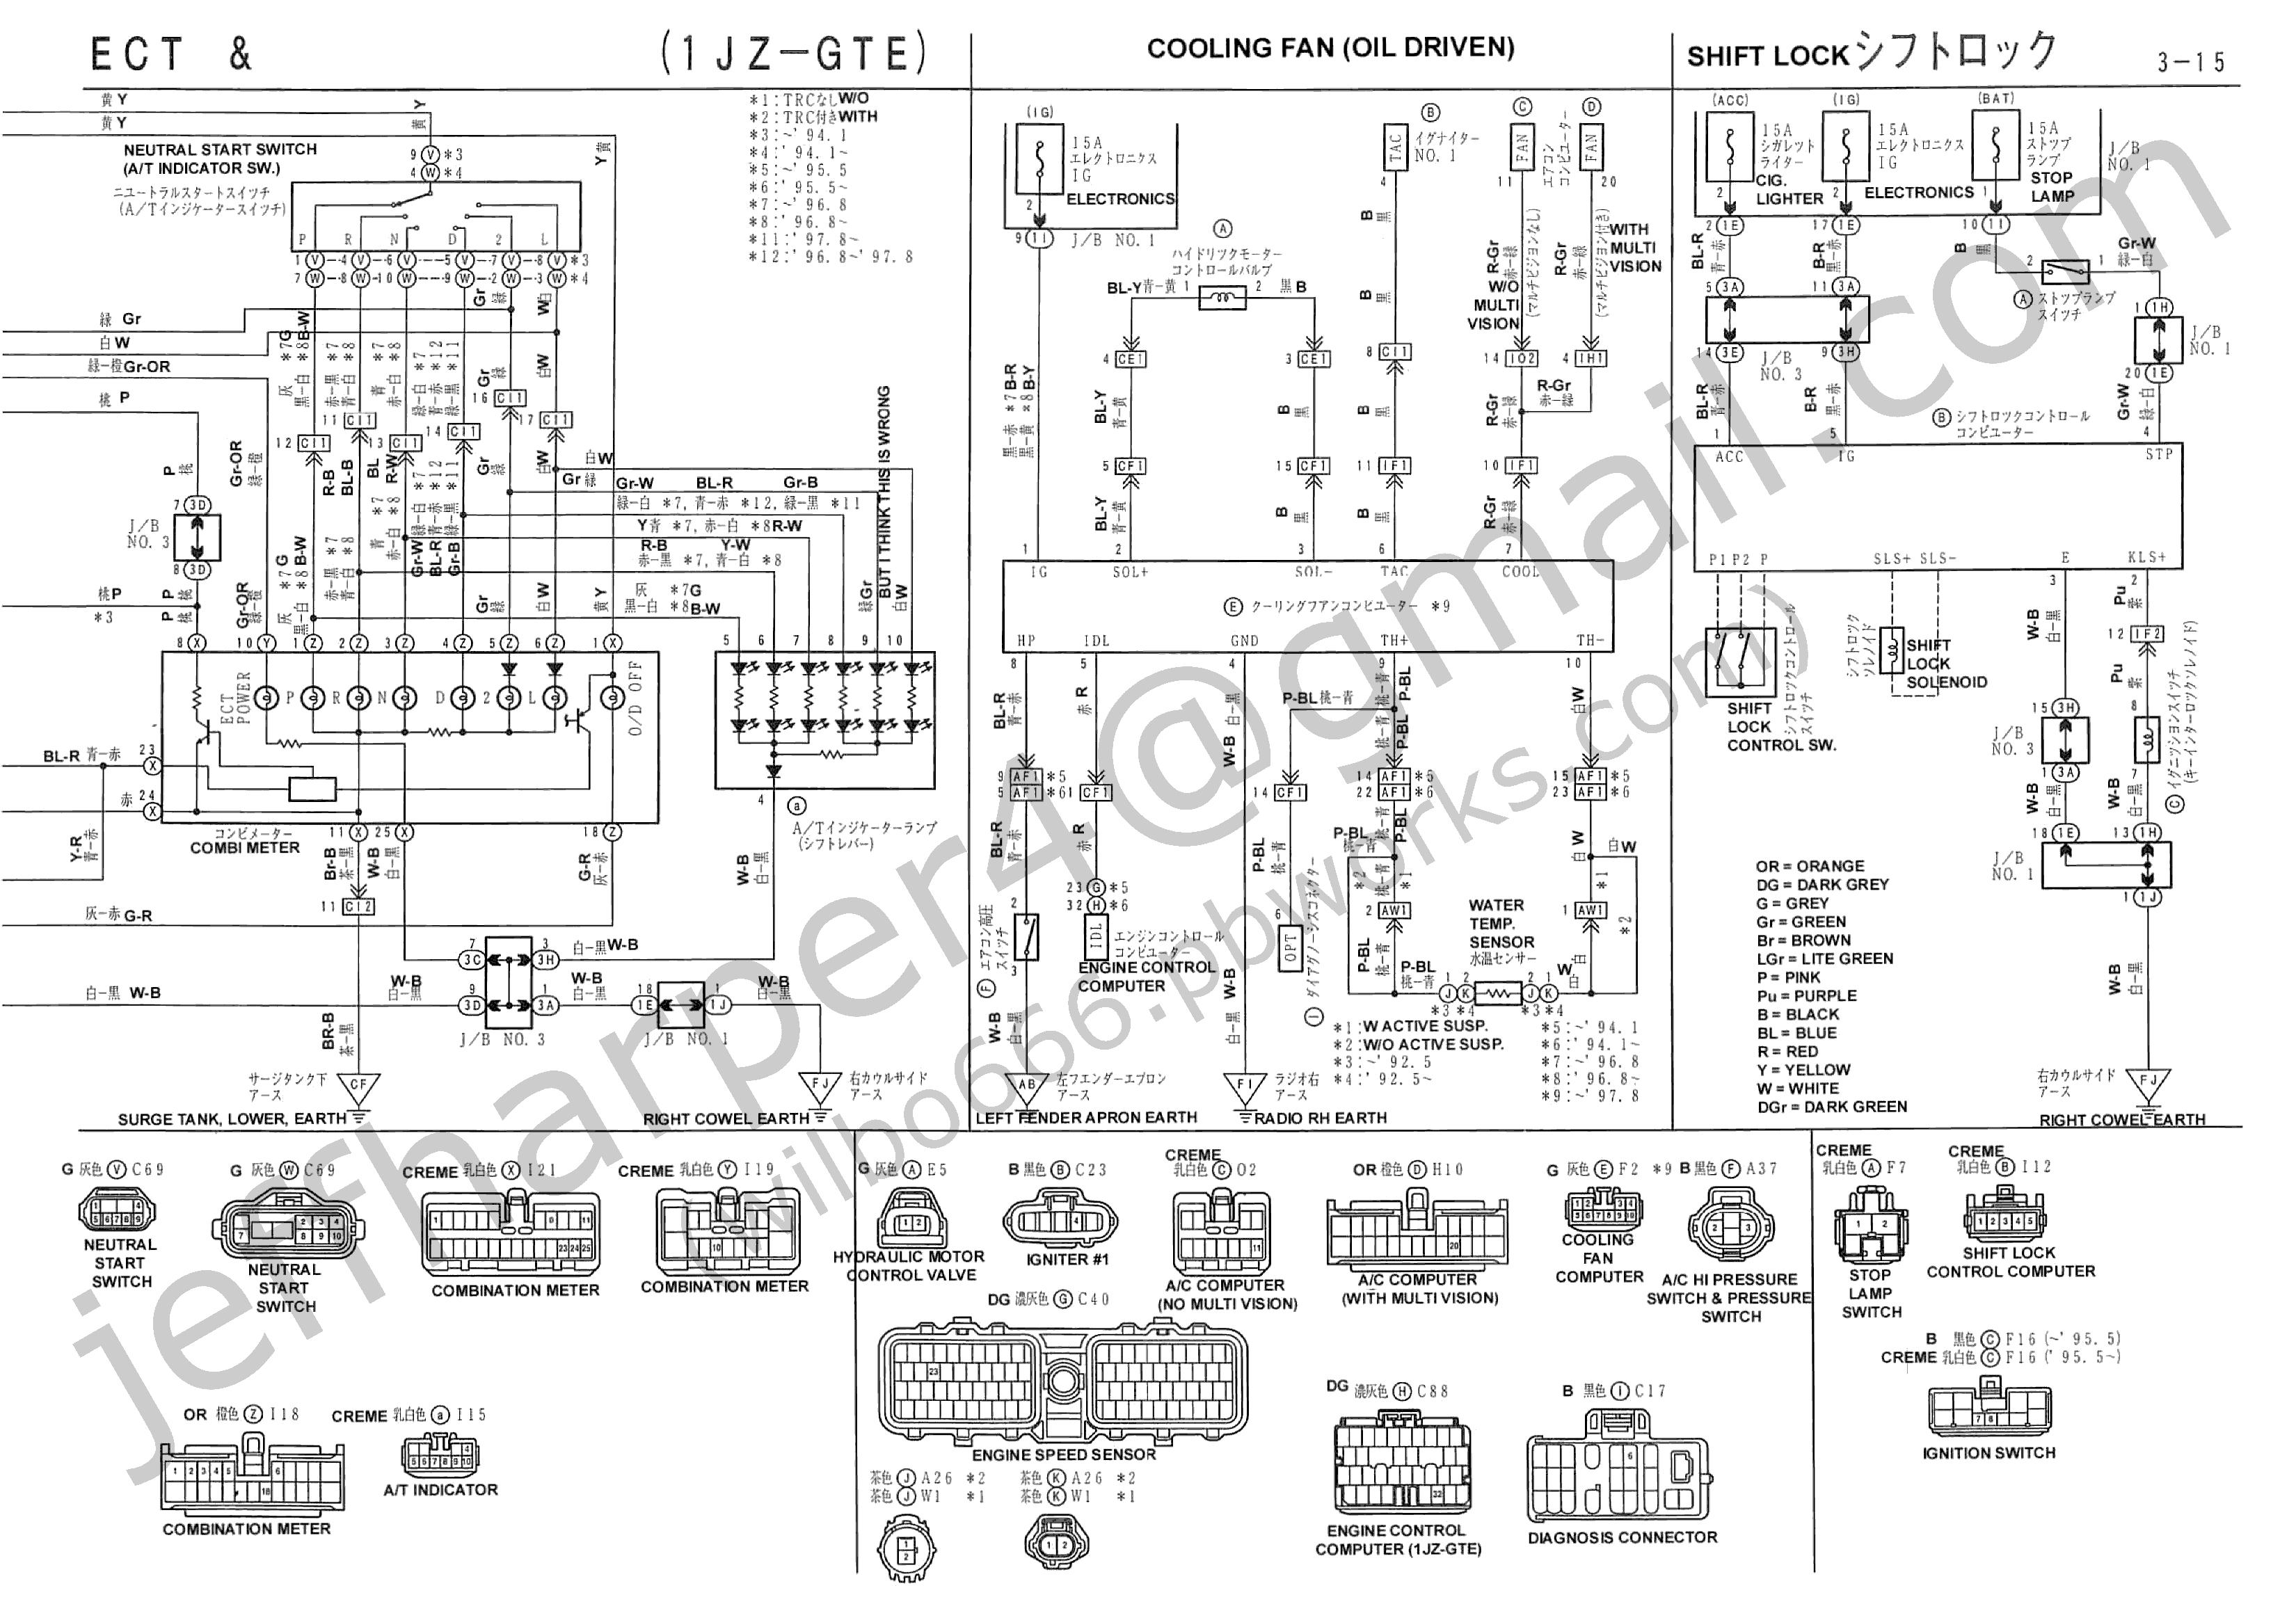 Wiring Diagram 2jz Gte